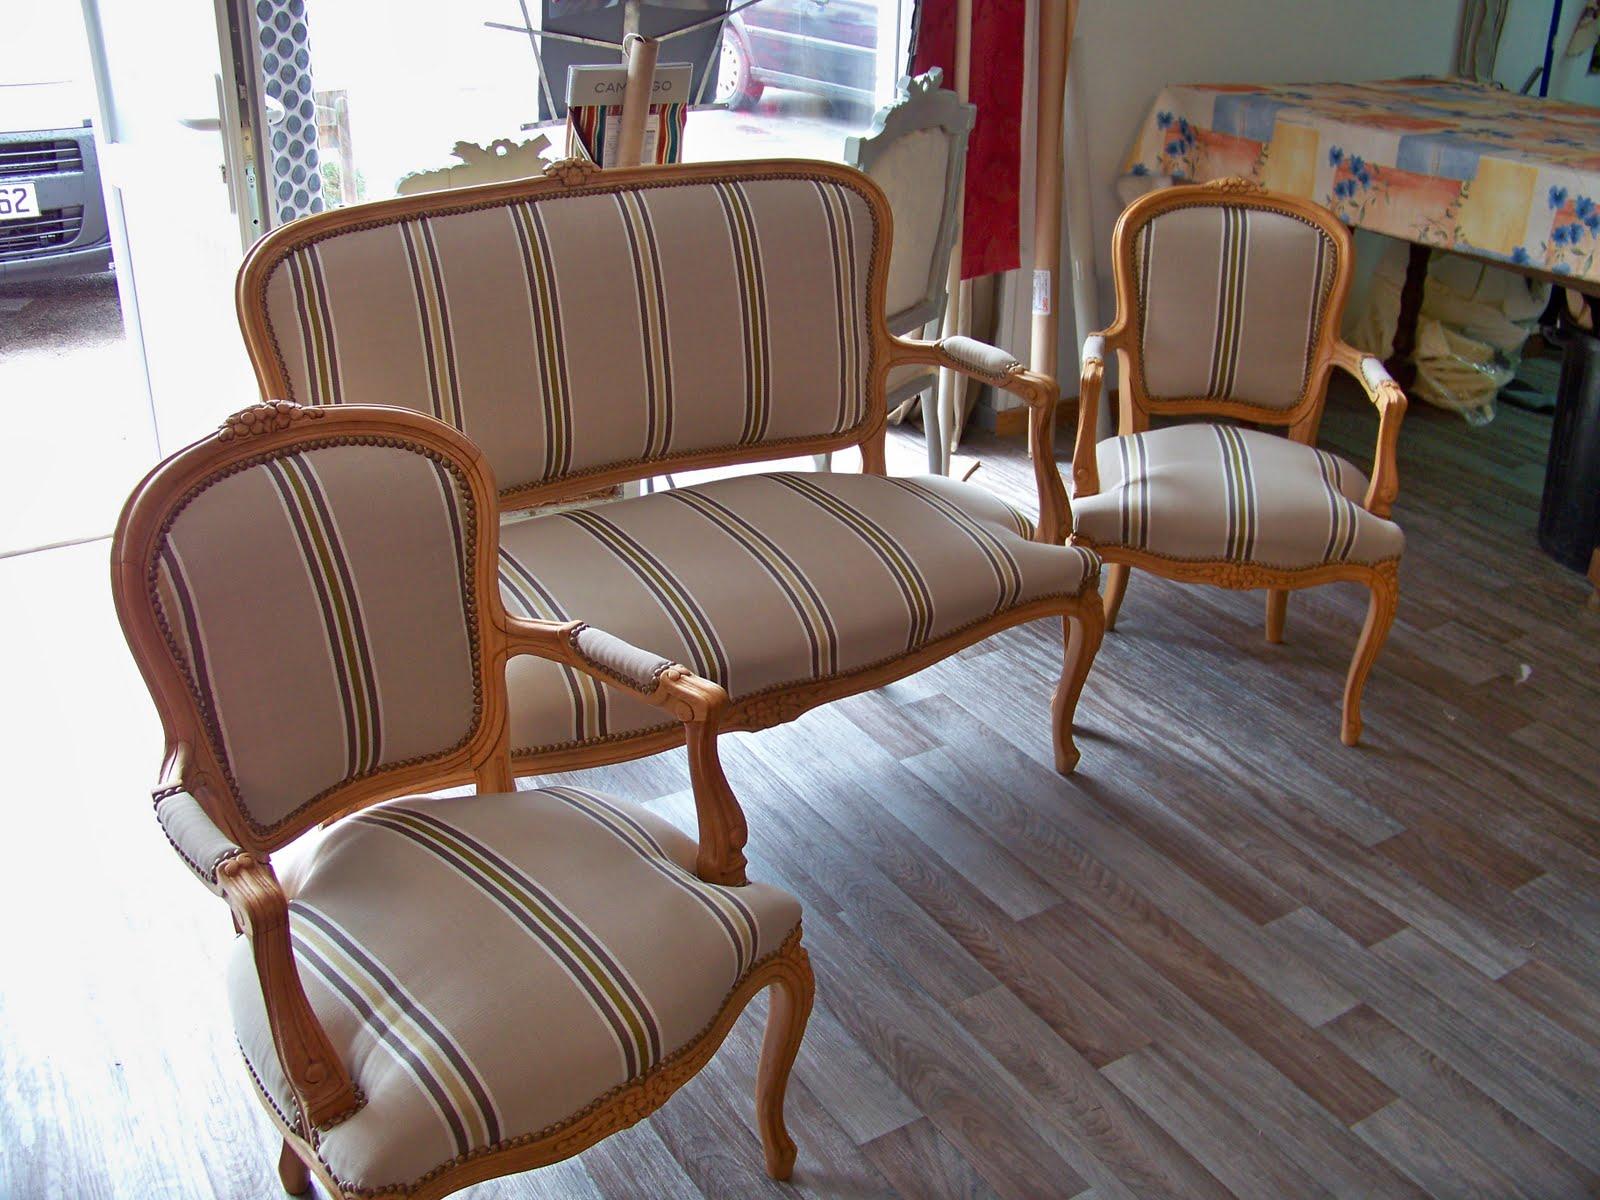 tapissier decorateur salon louis xv. Black Bedroom Furniture Sets. Home Design Ideas